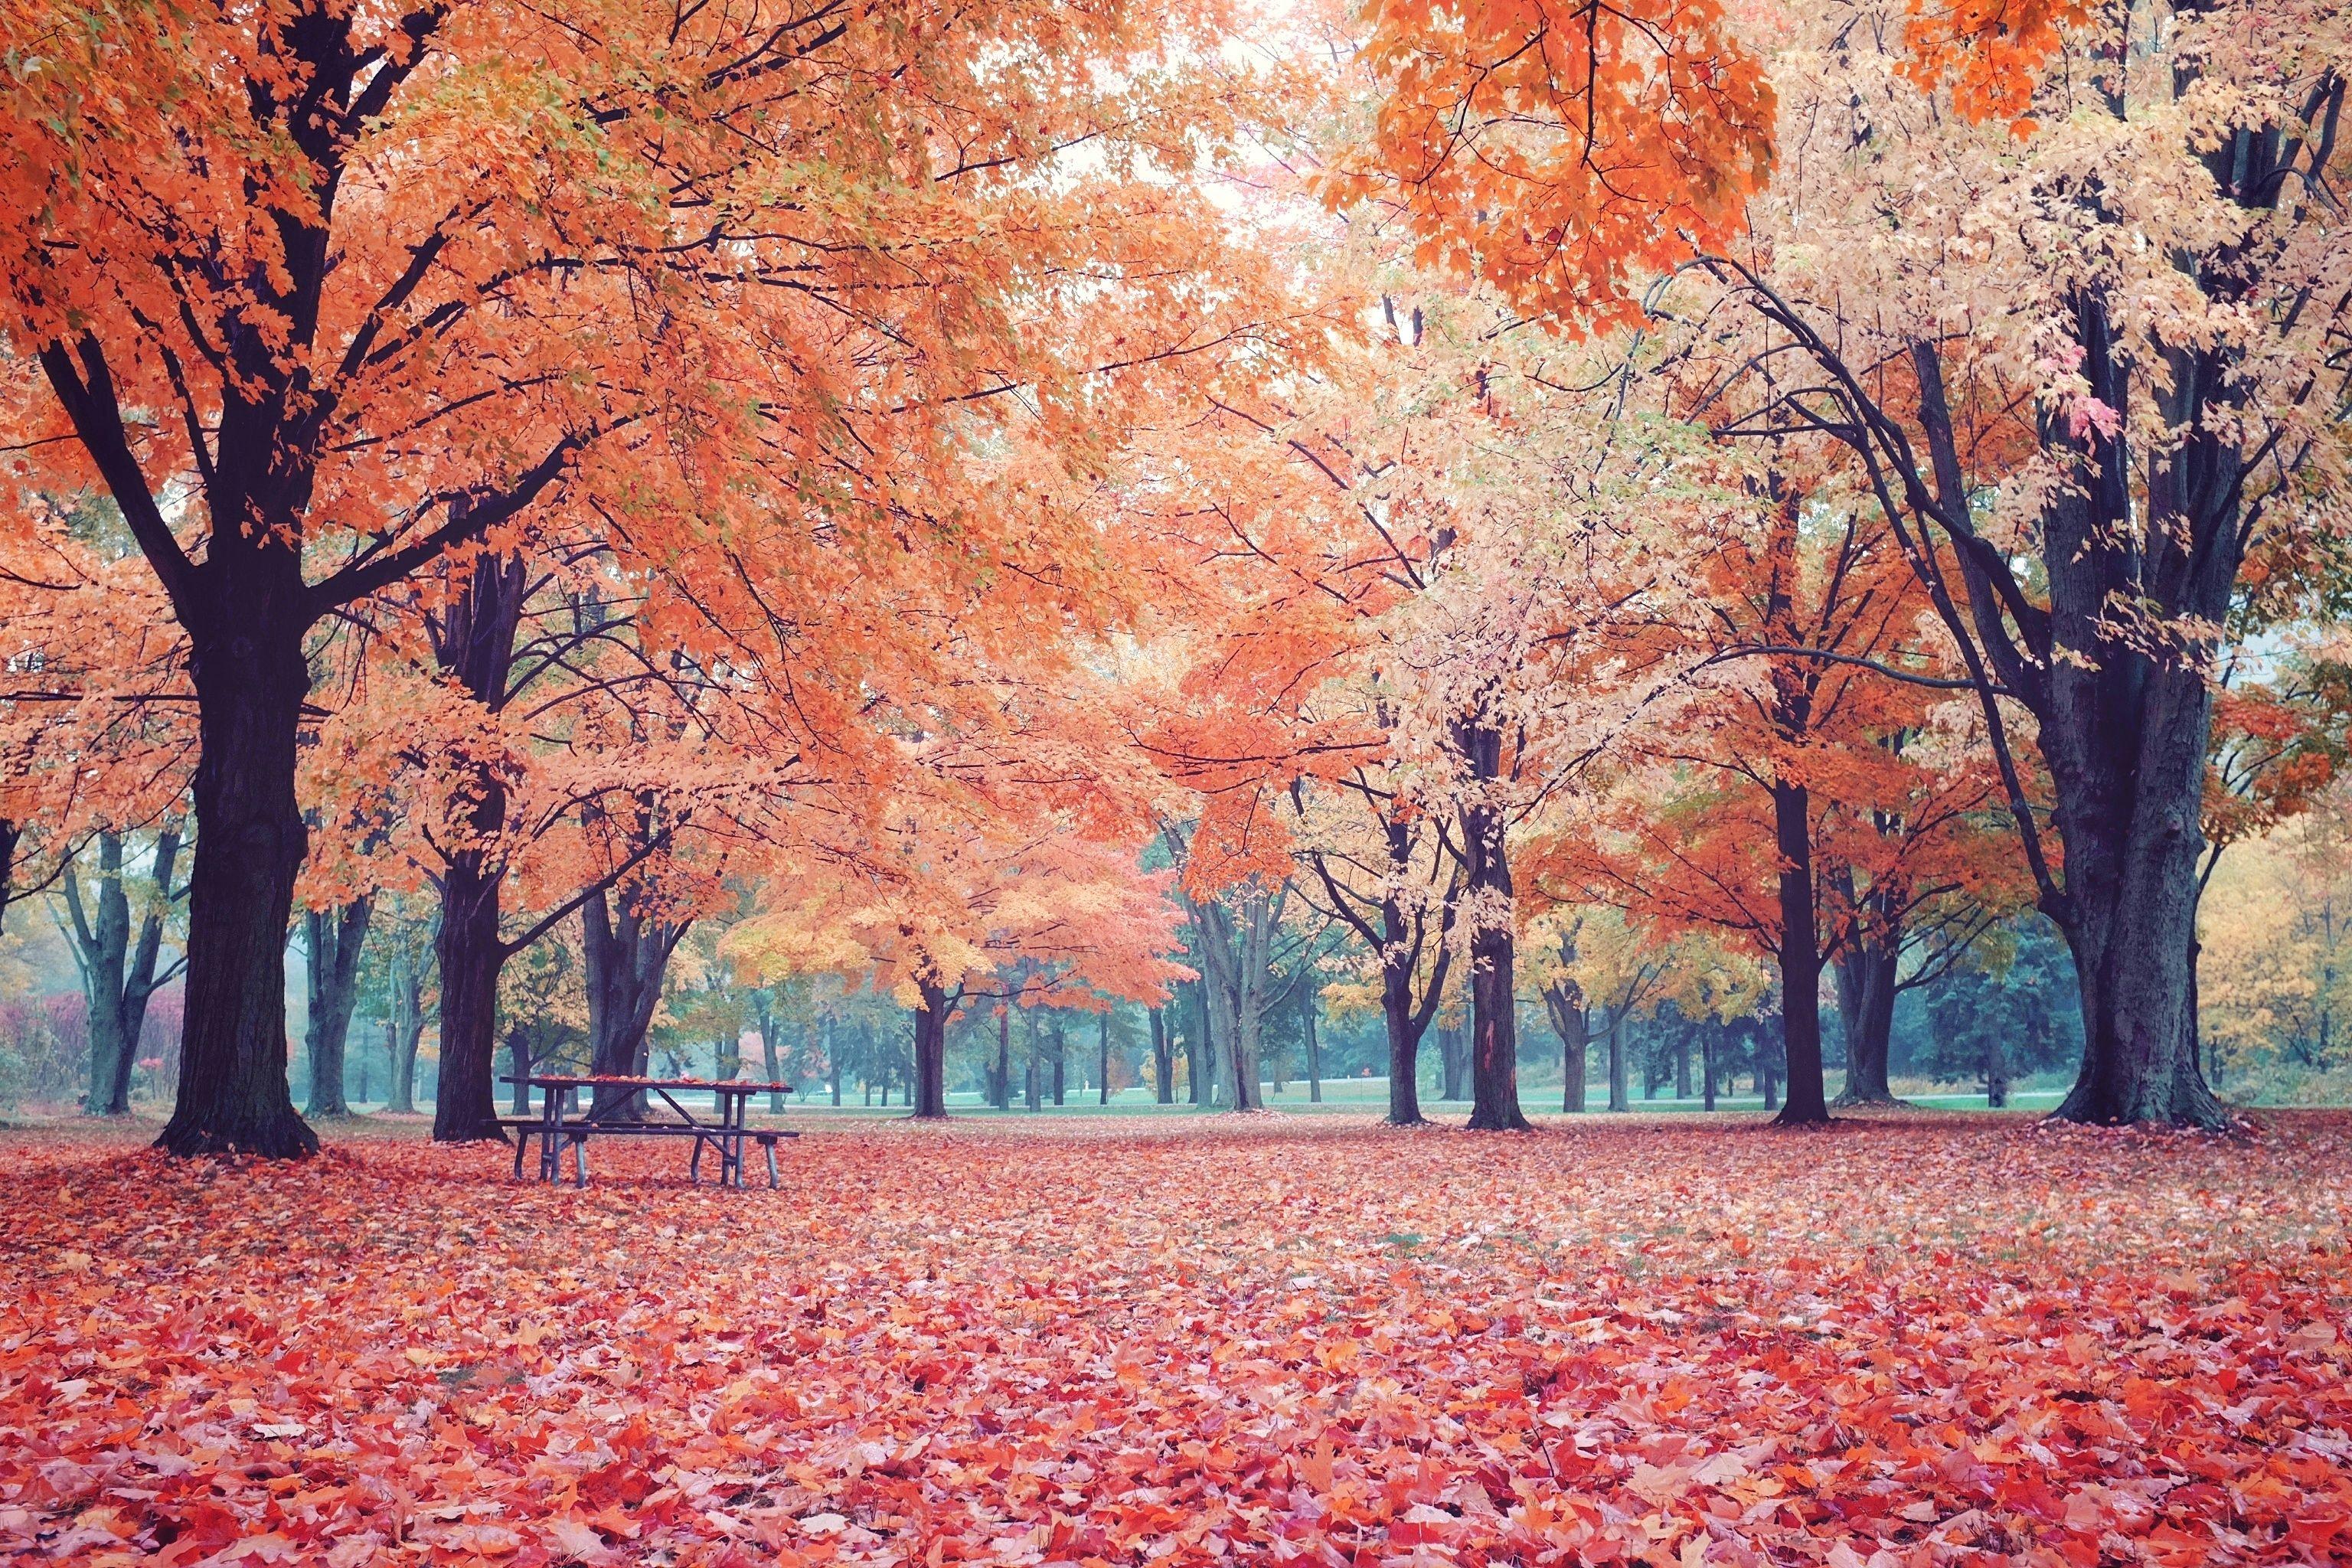 Top Wallpaper Mac Autumn - 7f455f9cc9f4c3678252db455763db04  Snapshot_1001865.jpg